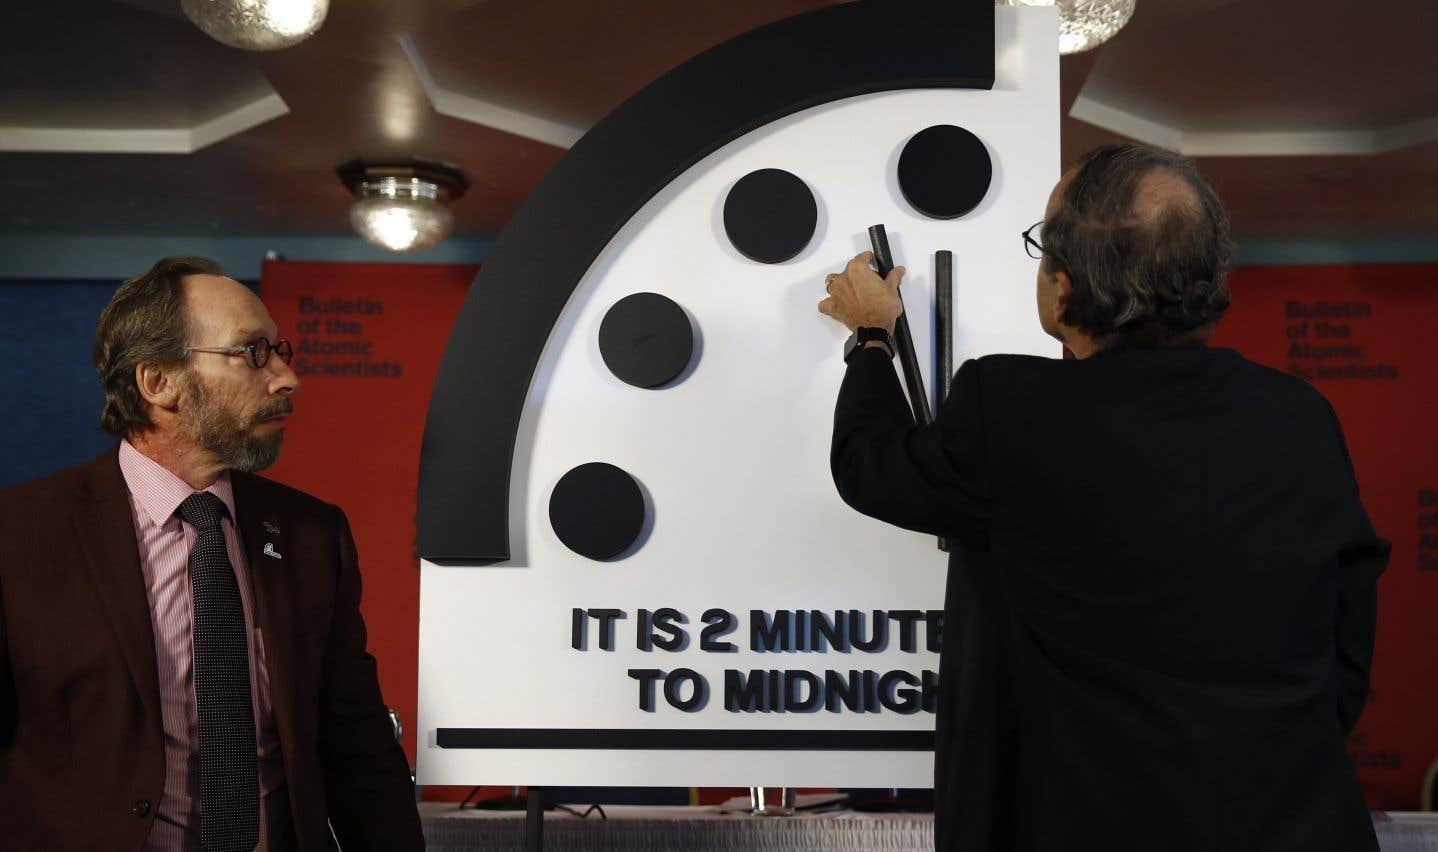 L'aiguille de l'horloge du «Bulletin of the Atomic Scientists» n'avait pas été aussi proche de minuit depuis 1953, en pleine guerre froide.